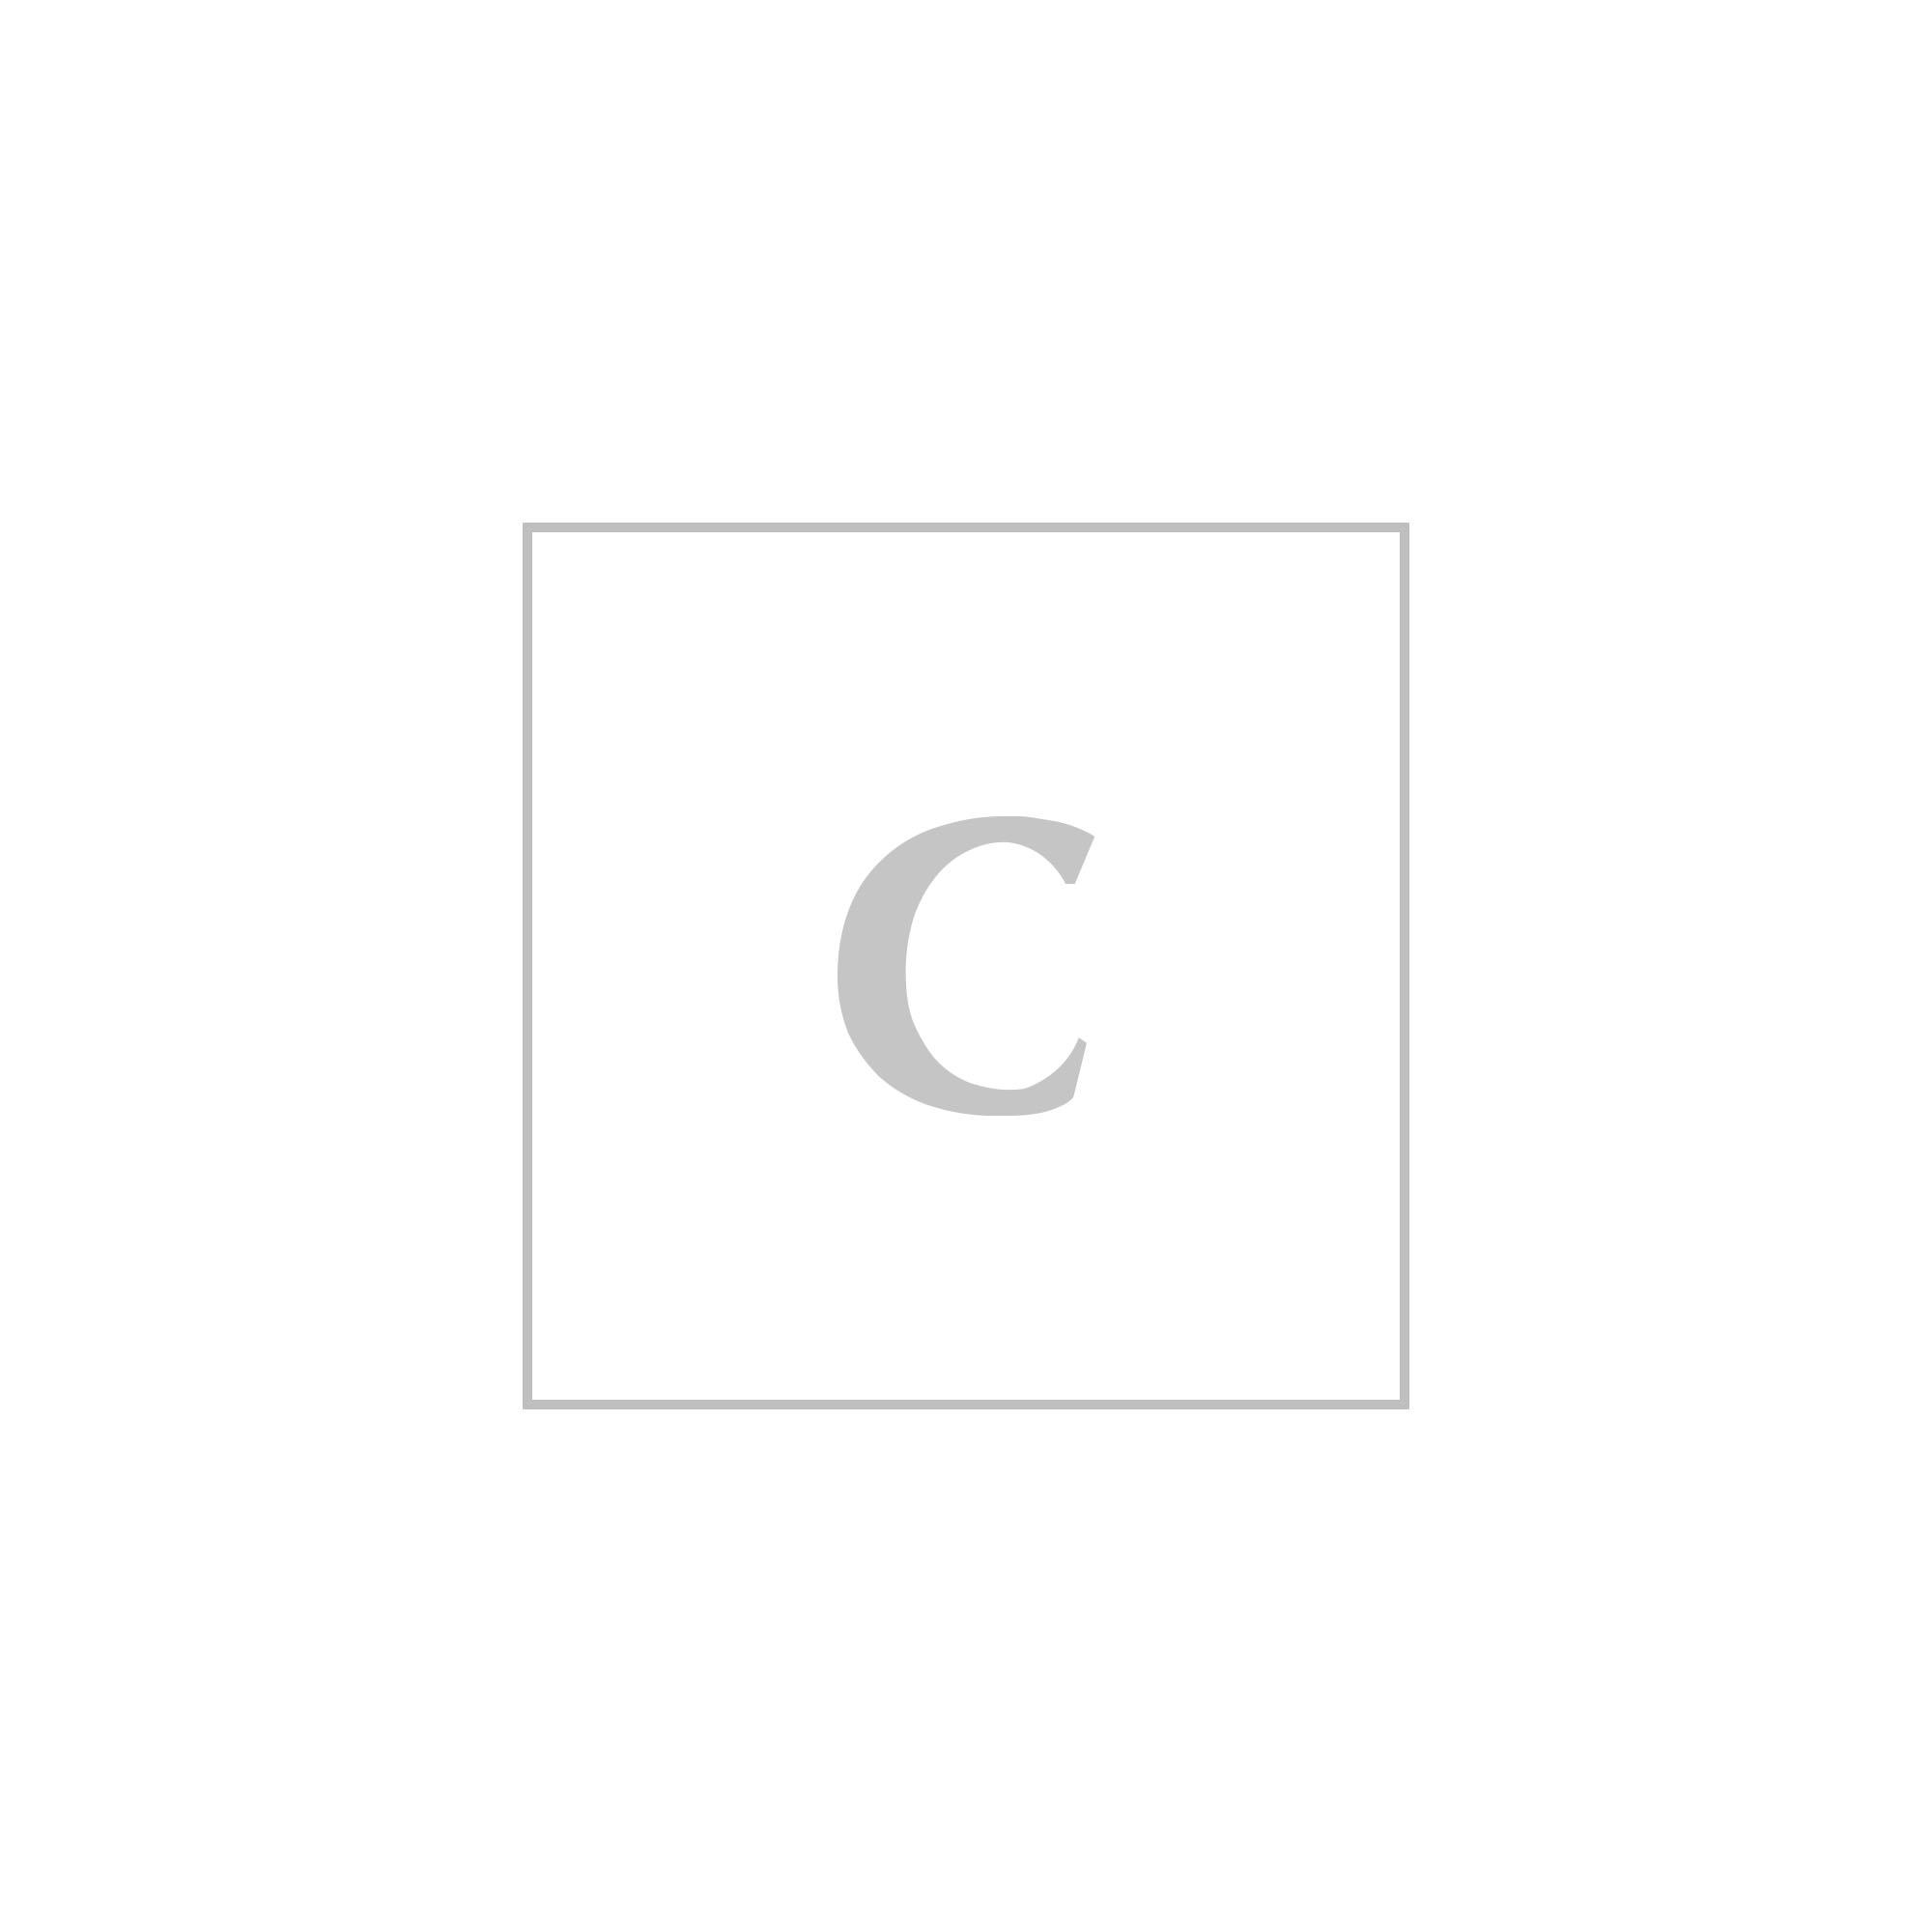 prada abbigliamento donna camicia cotone con rouches